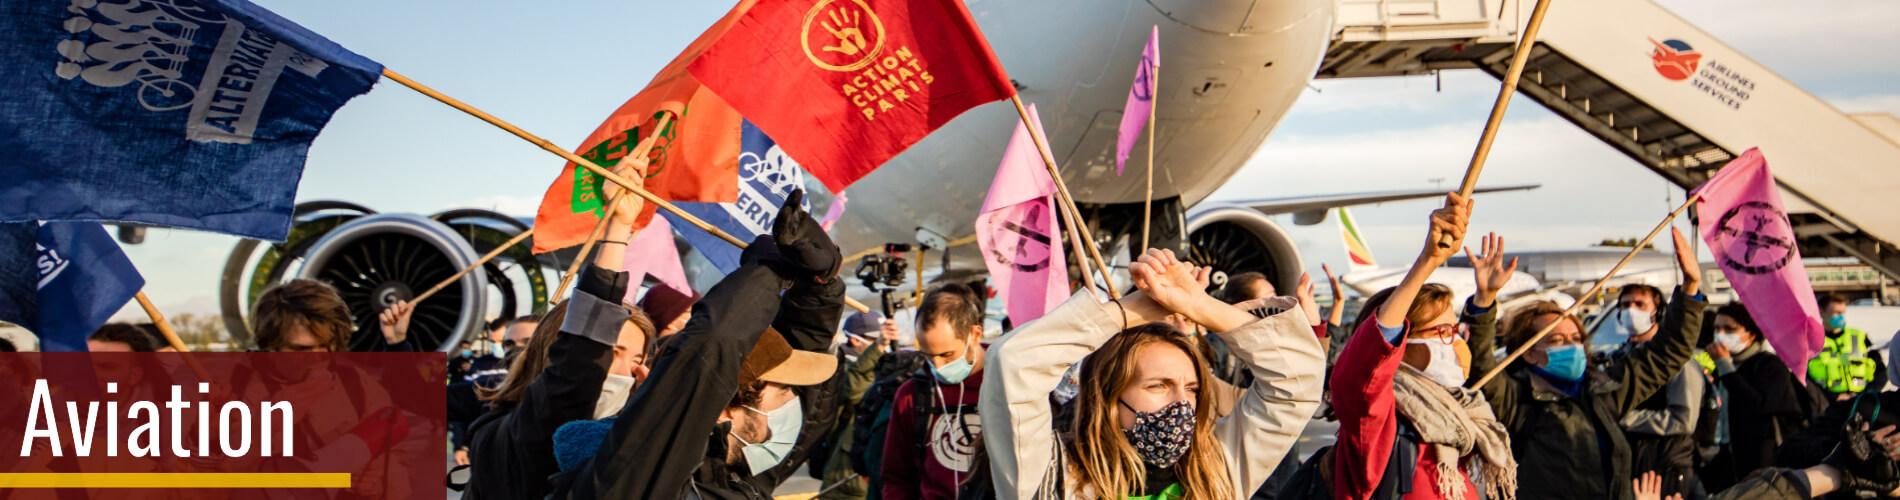 Marche sur les aéroports le 3 octobre 2020 - activistes sur le Tarmac de Roissy - Charles de Gaulle / Crédit photo : Julien Helaine